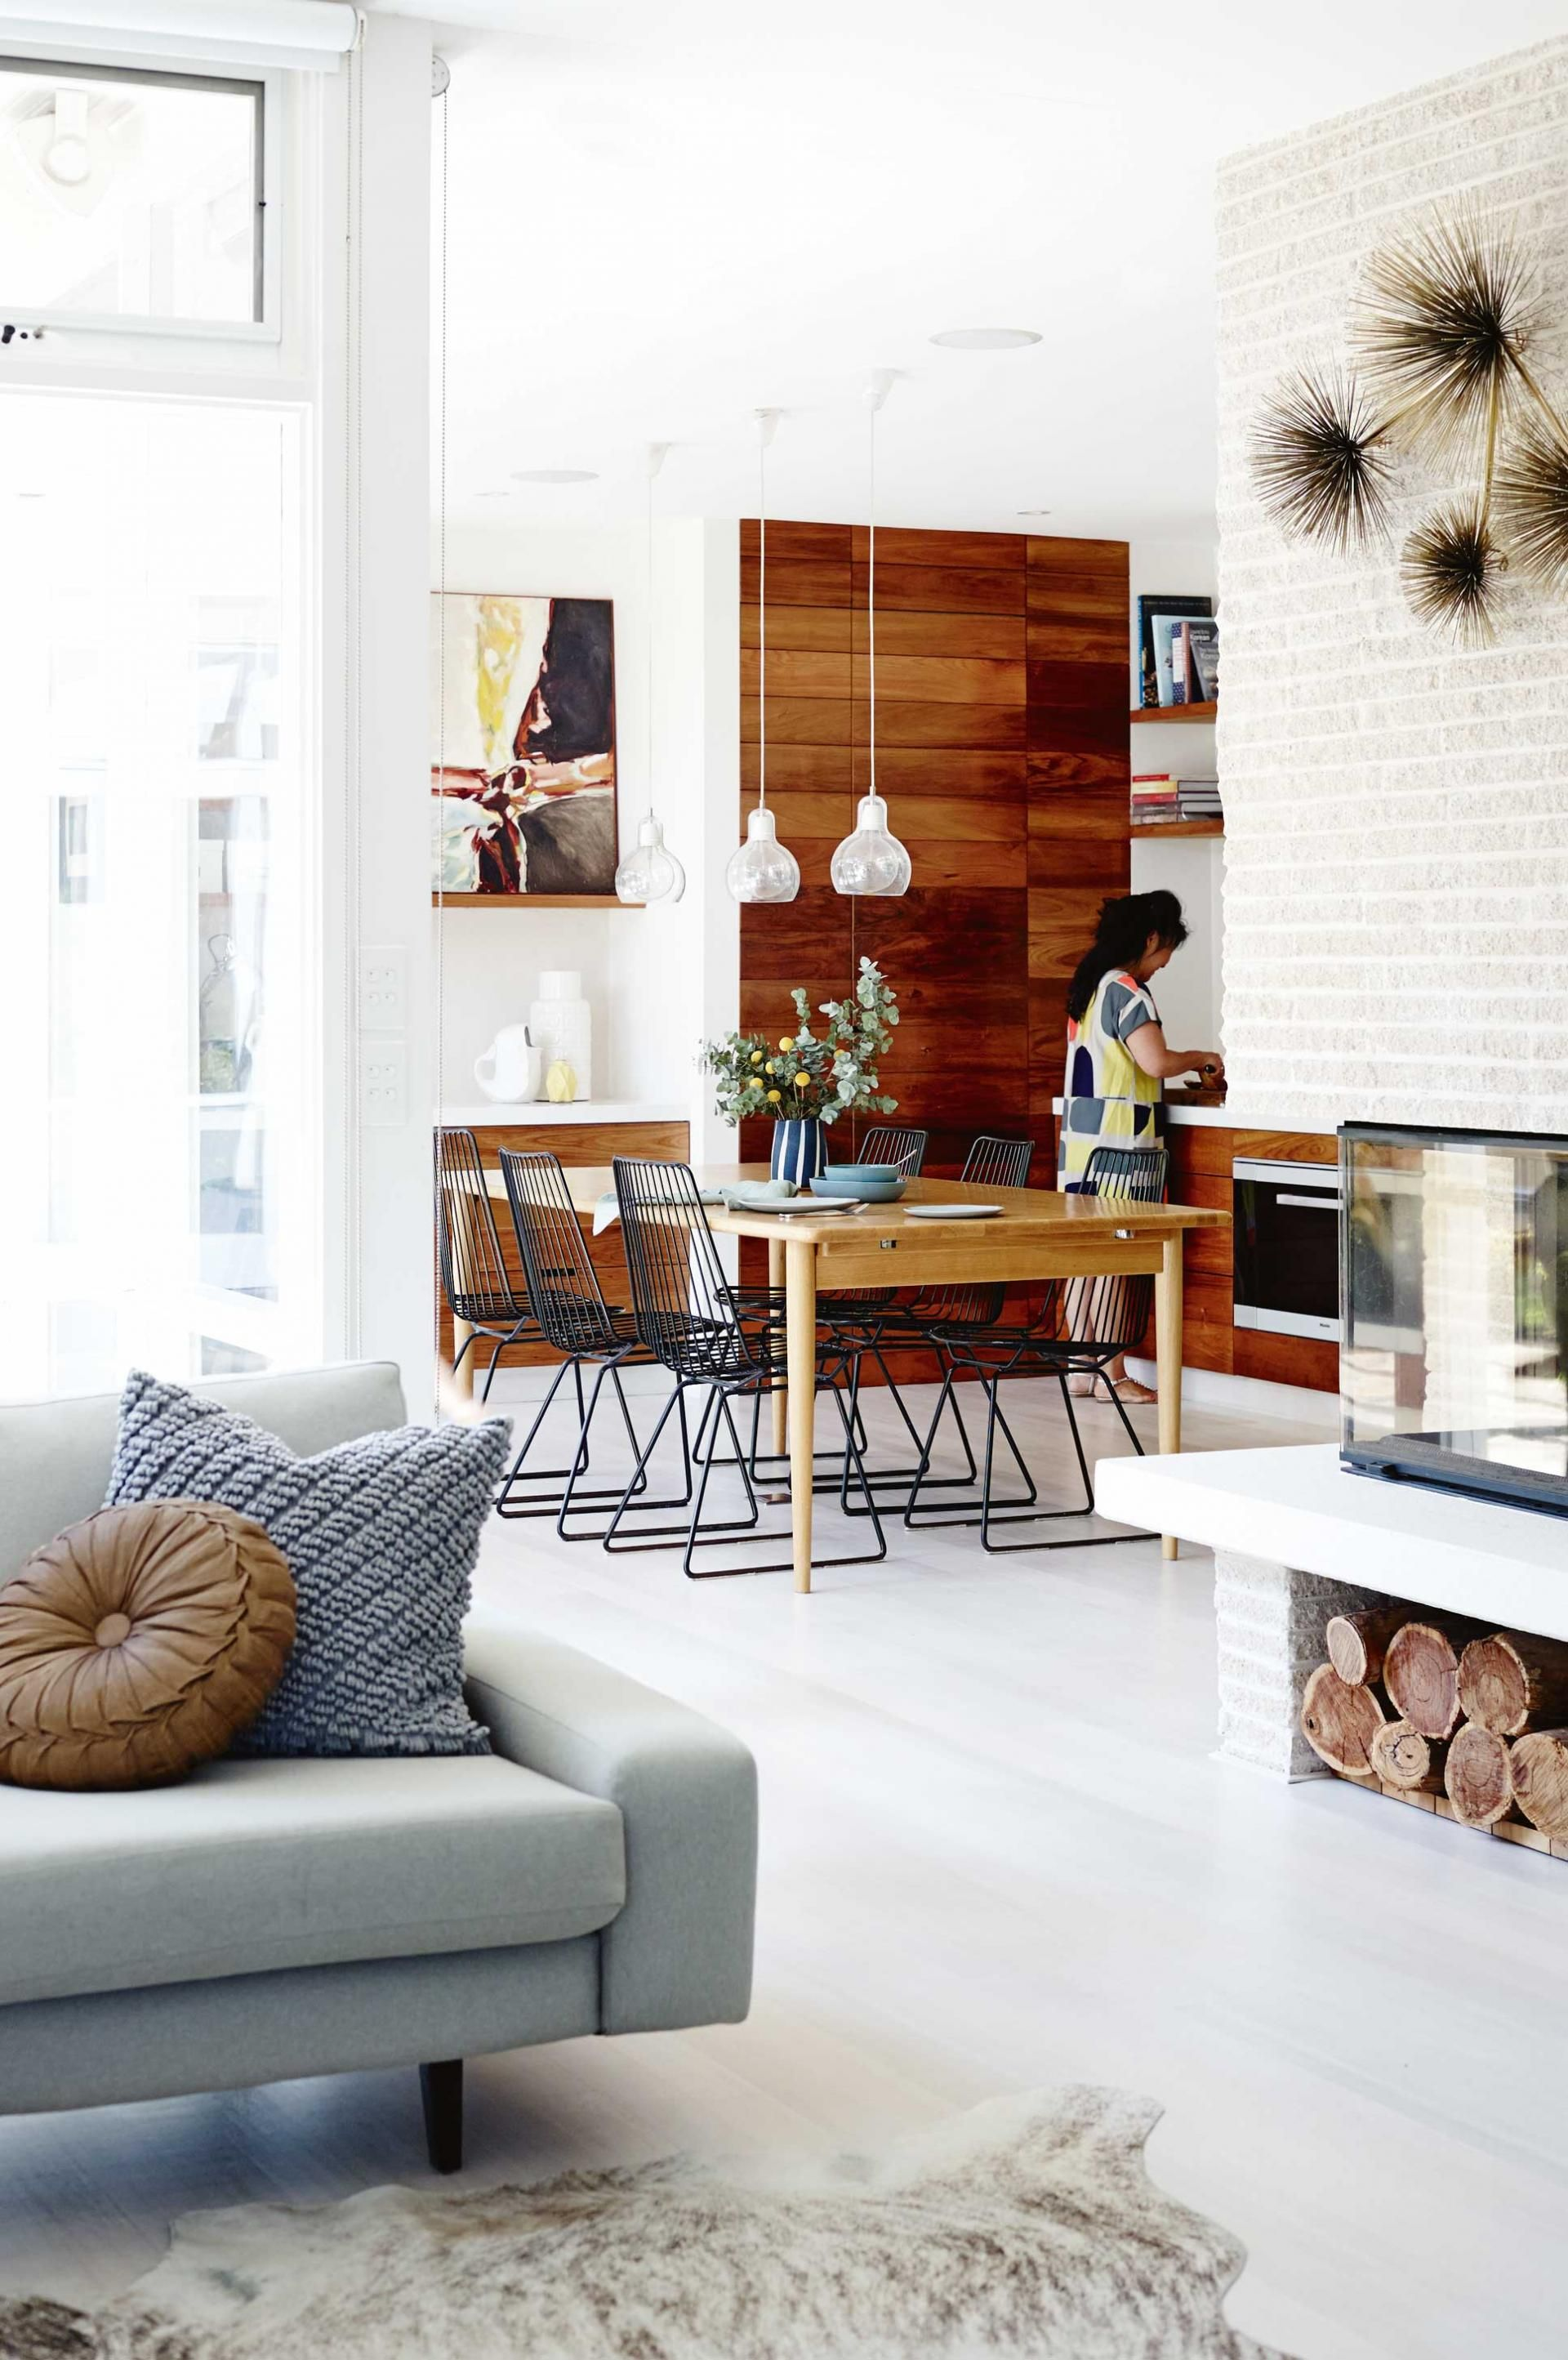 Küche interieur farbschemata pin von c l auf interieur  pinterest  projekte sofa und